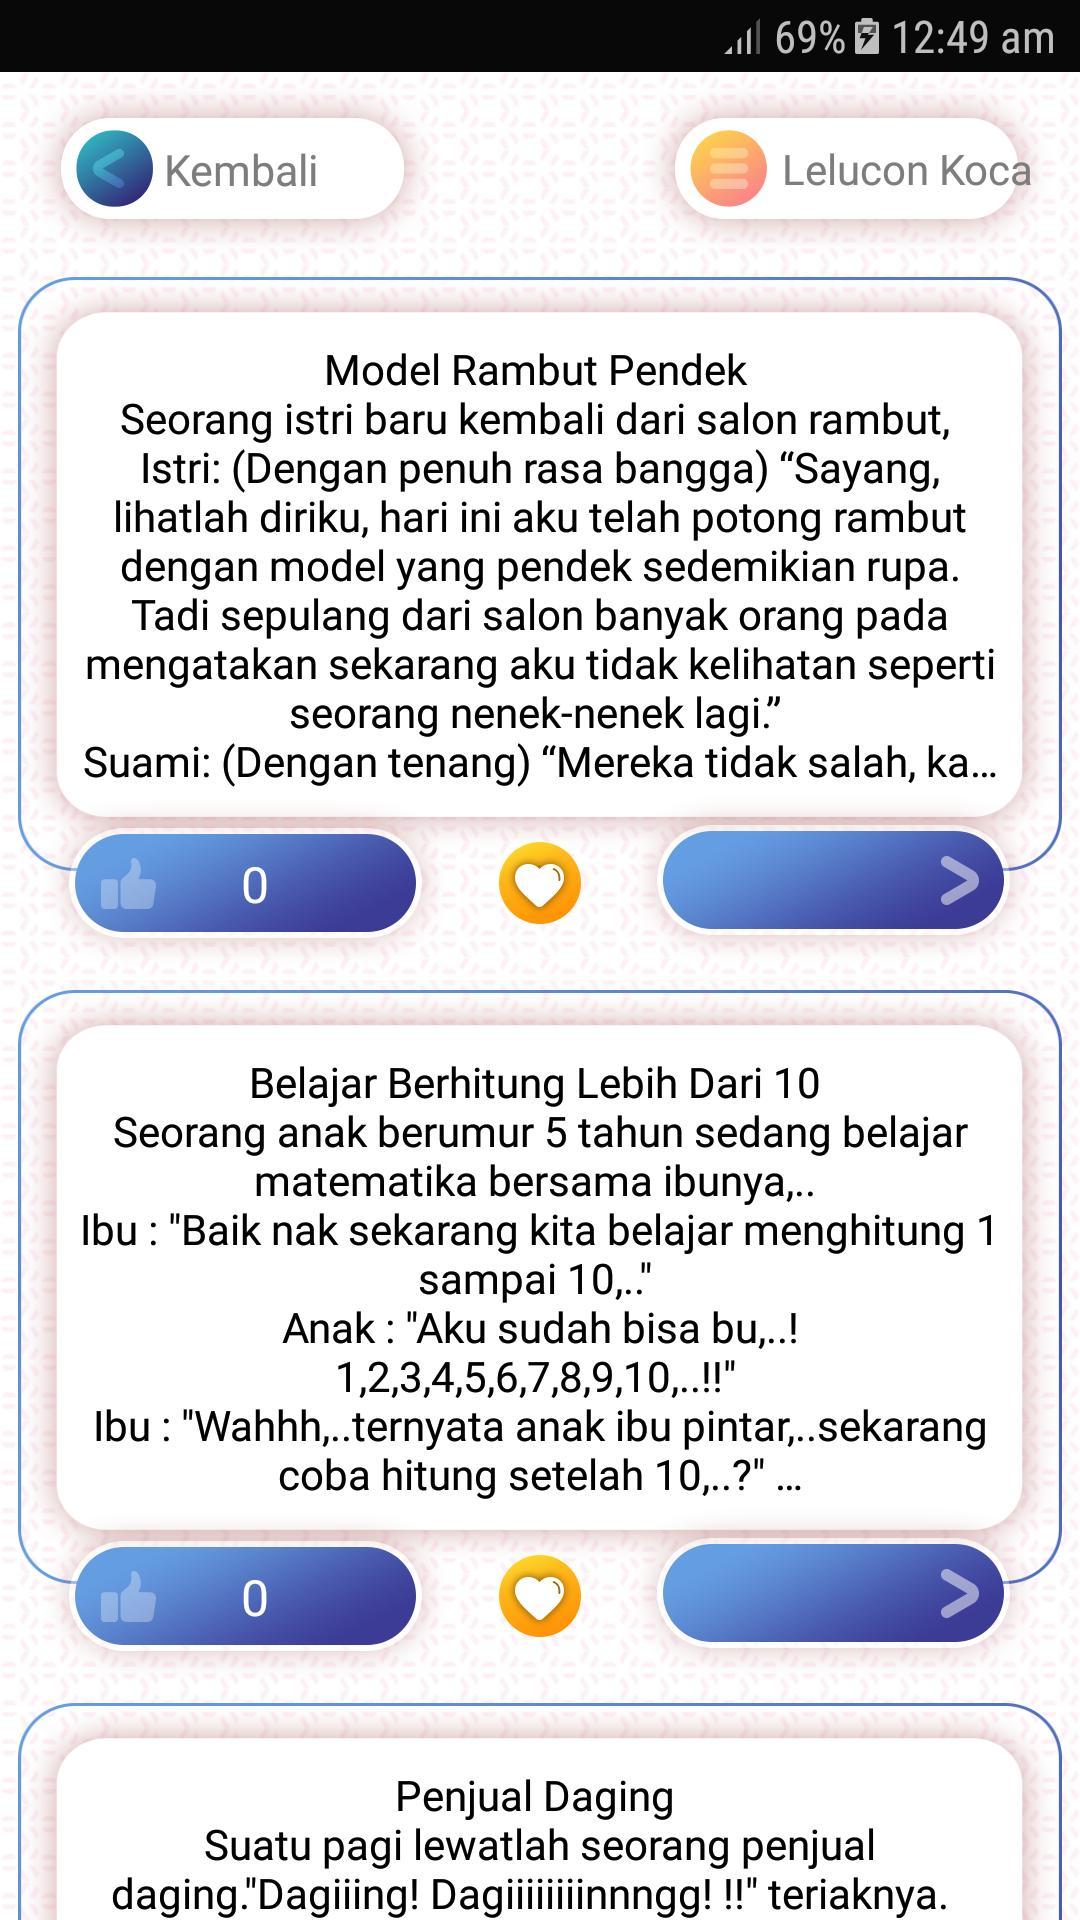 Cerita Humor Lucu Jaman Now Ngakak Kocak for Android